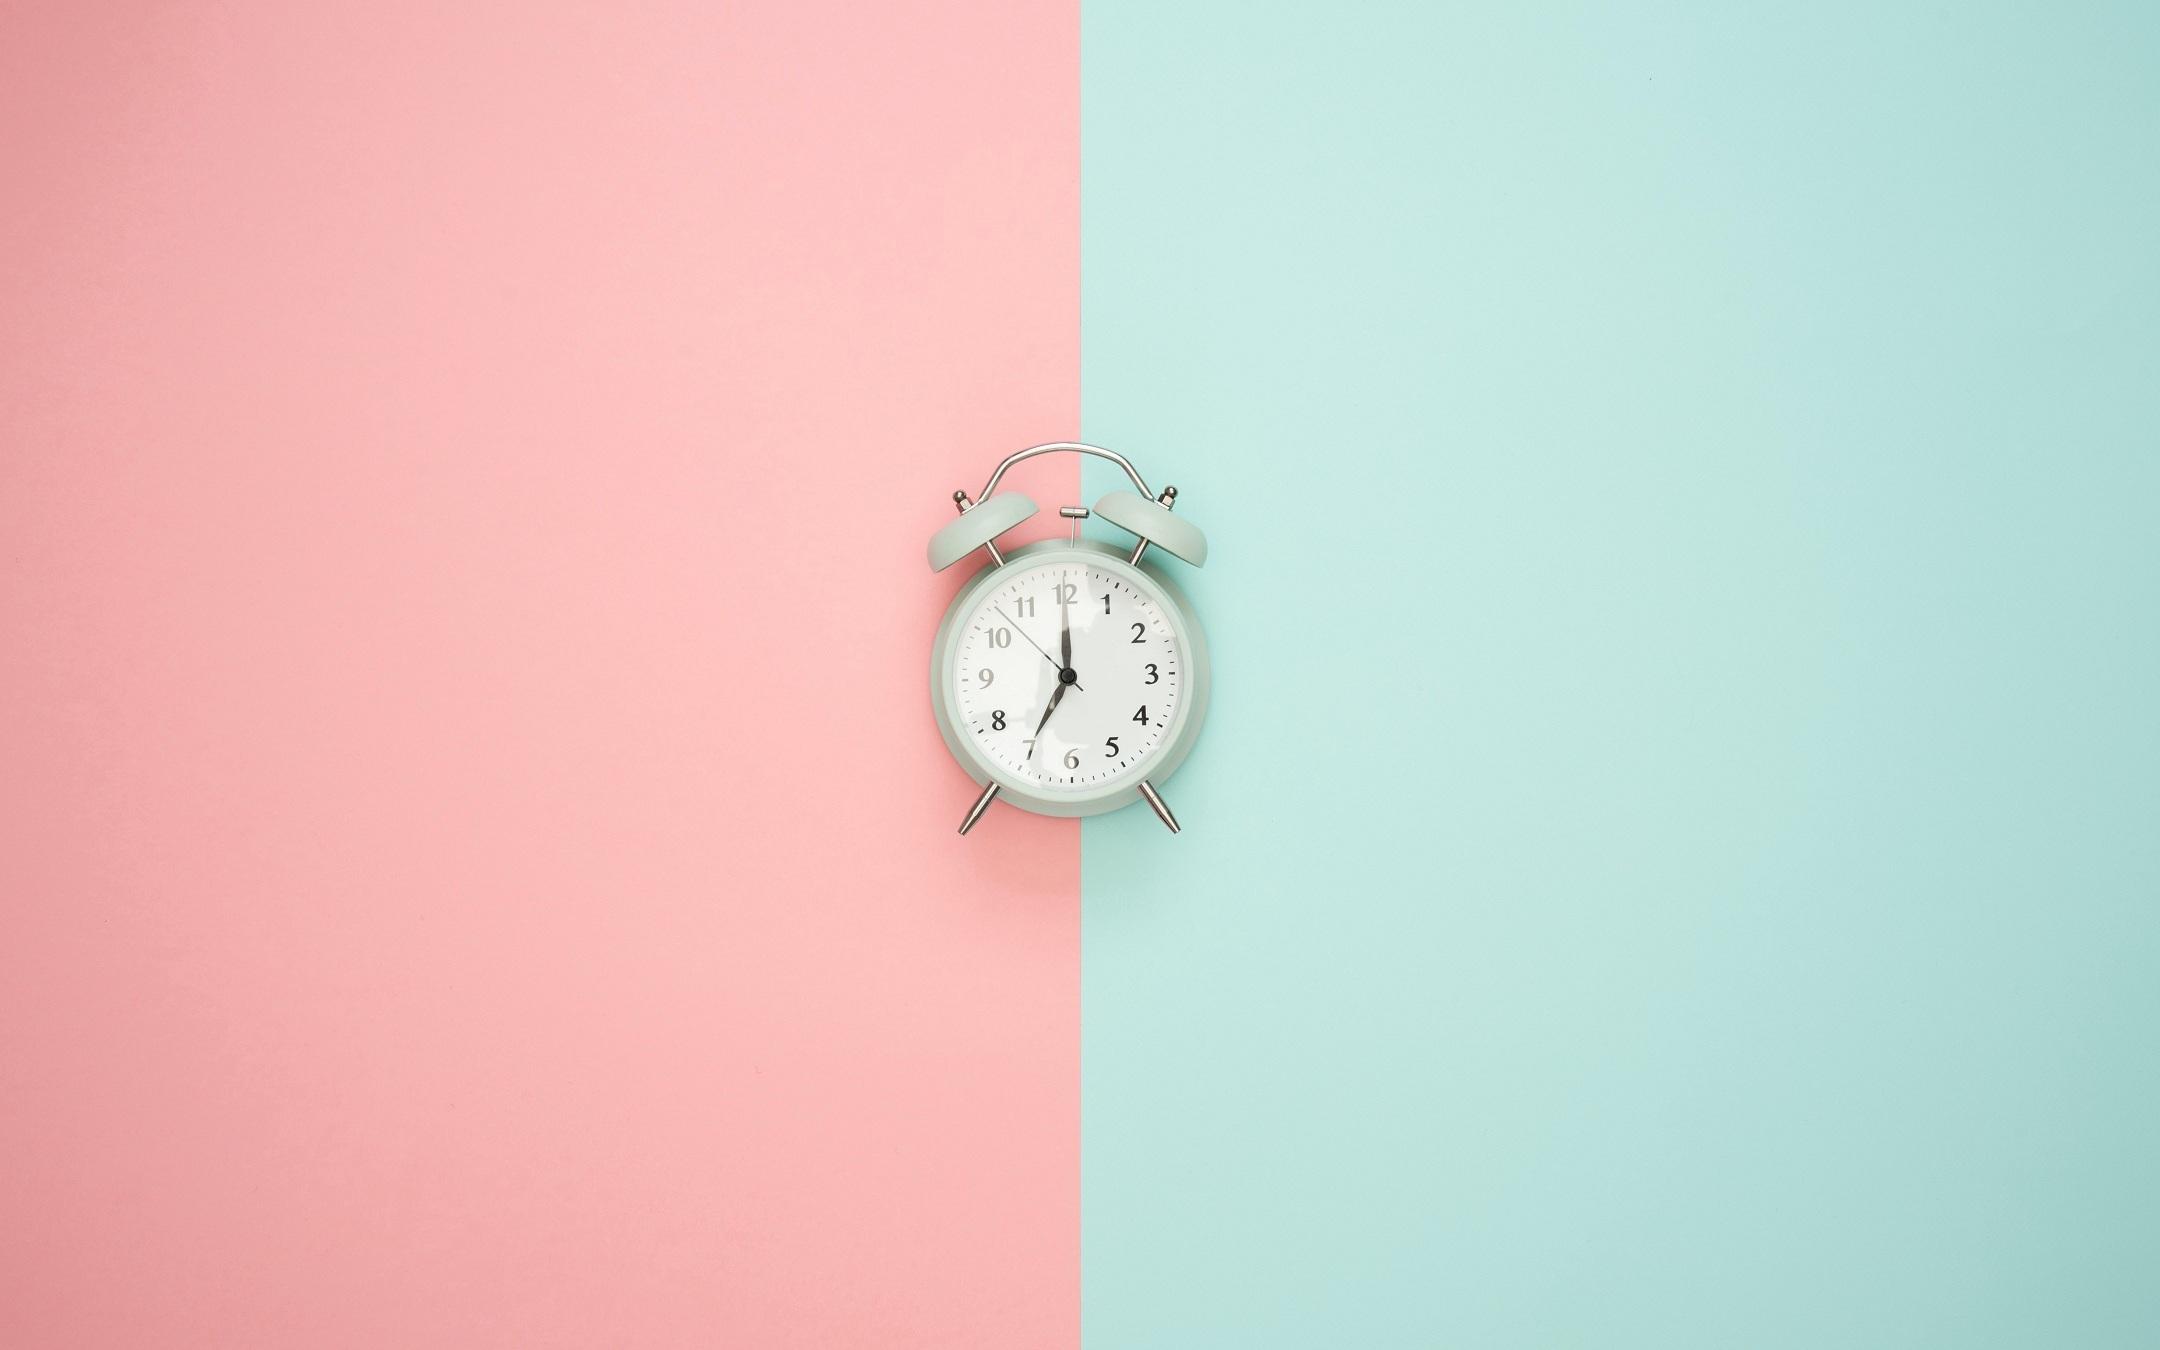 wykorzystanie czasu